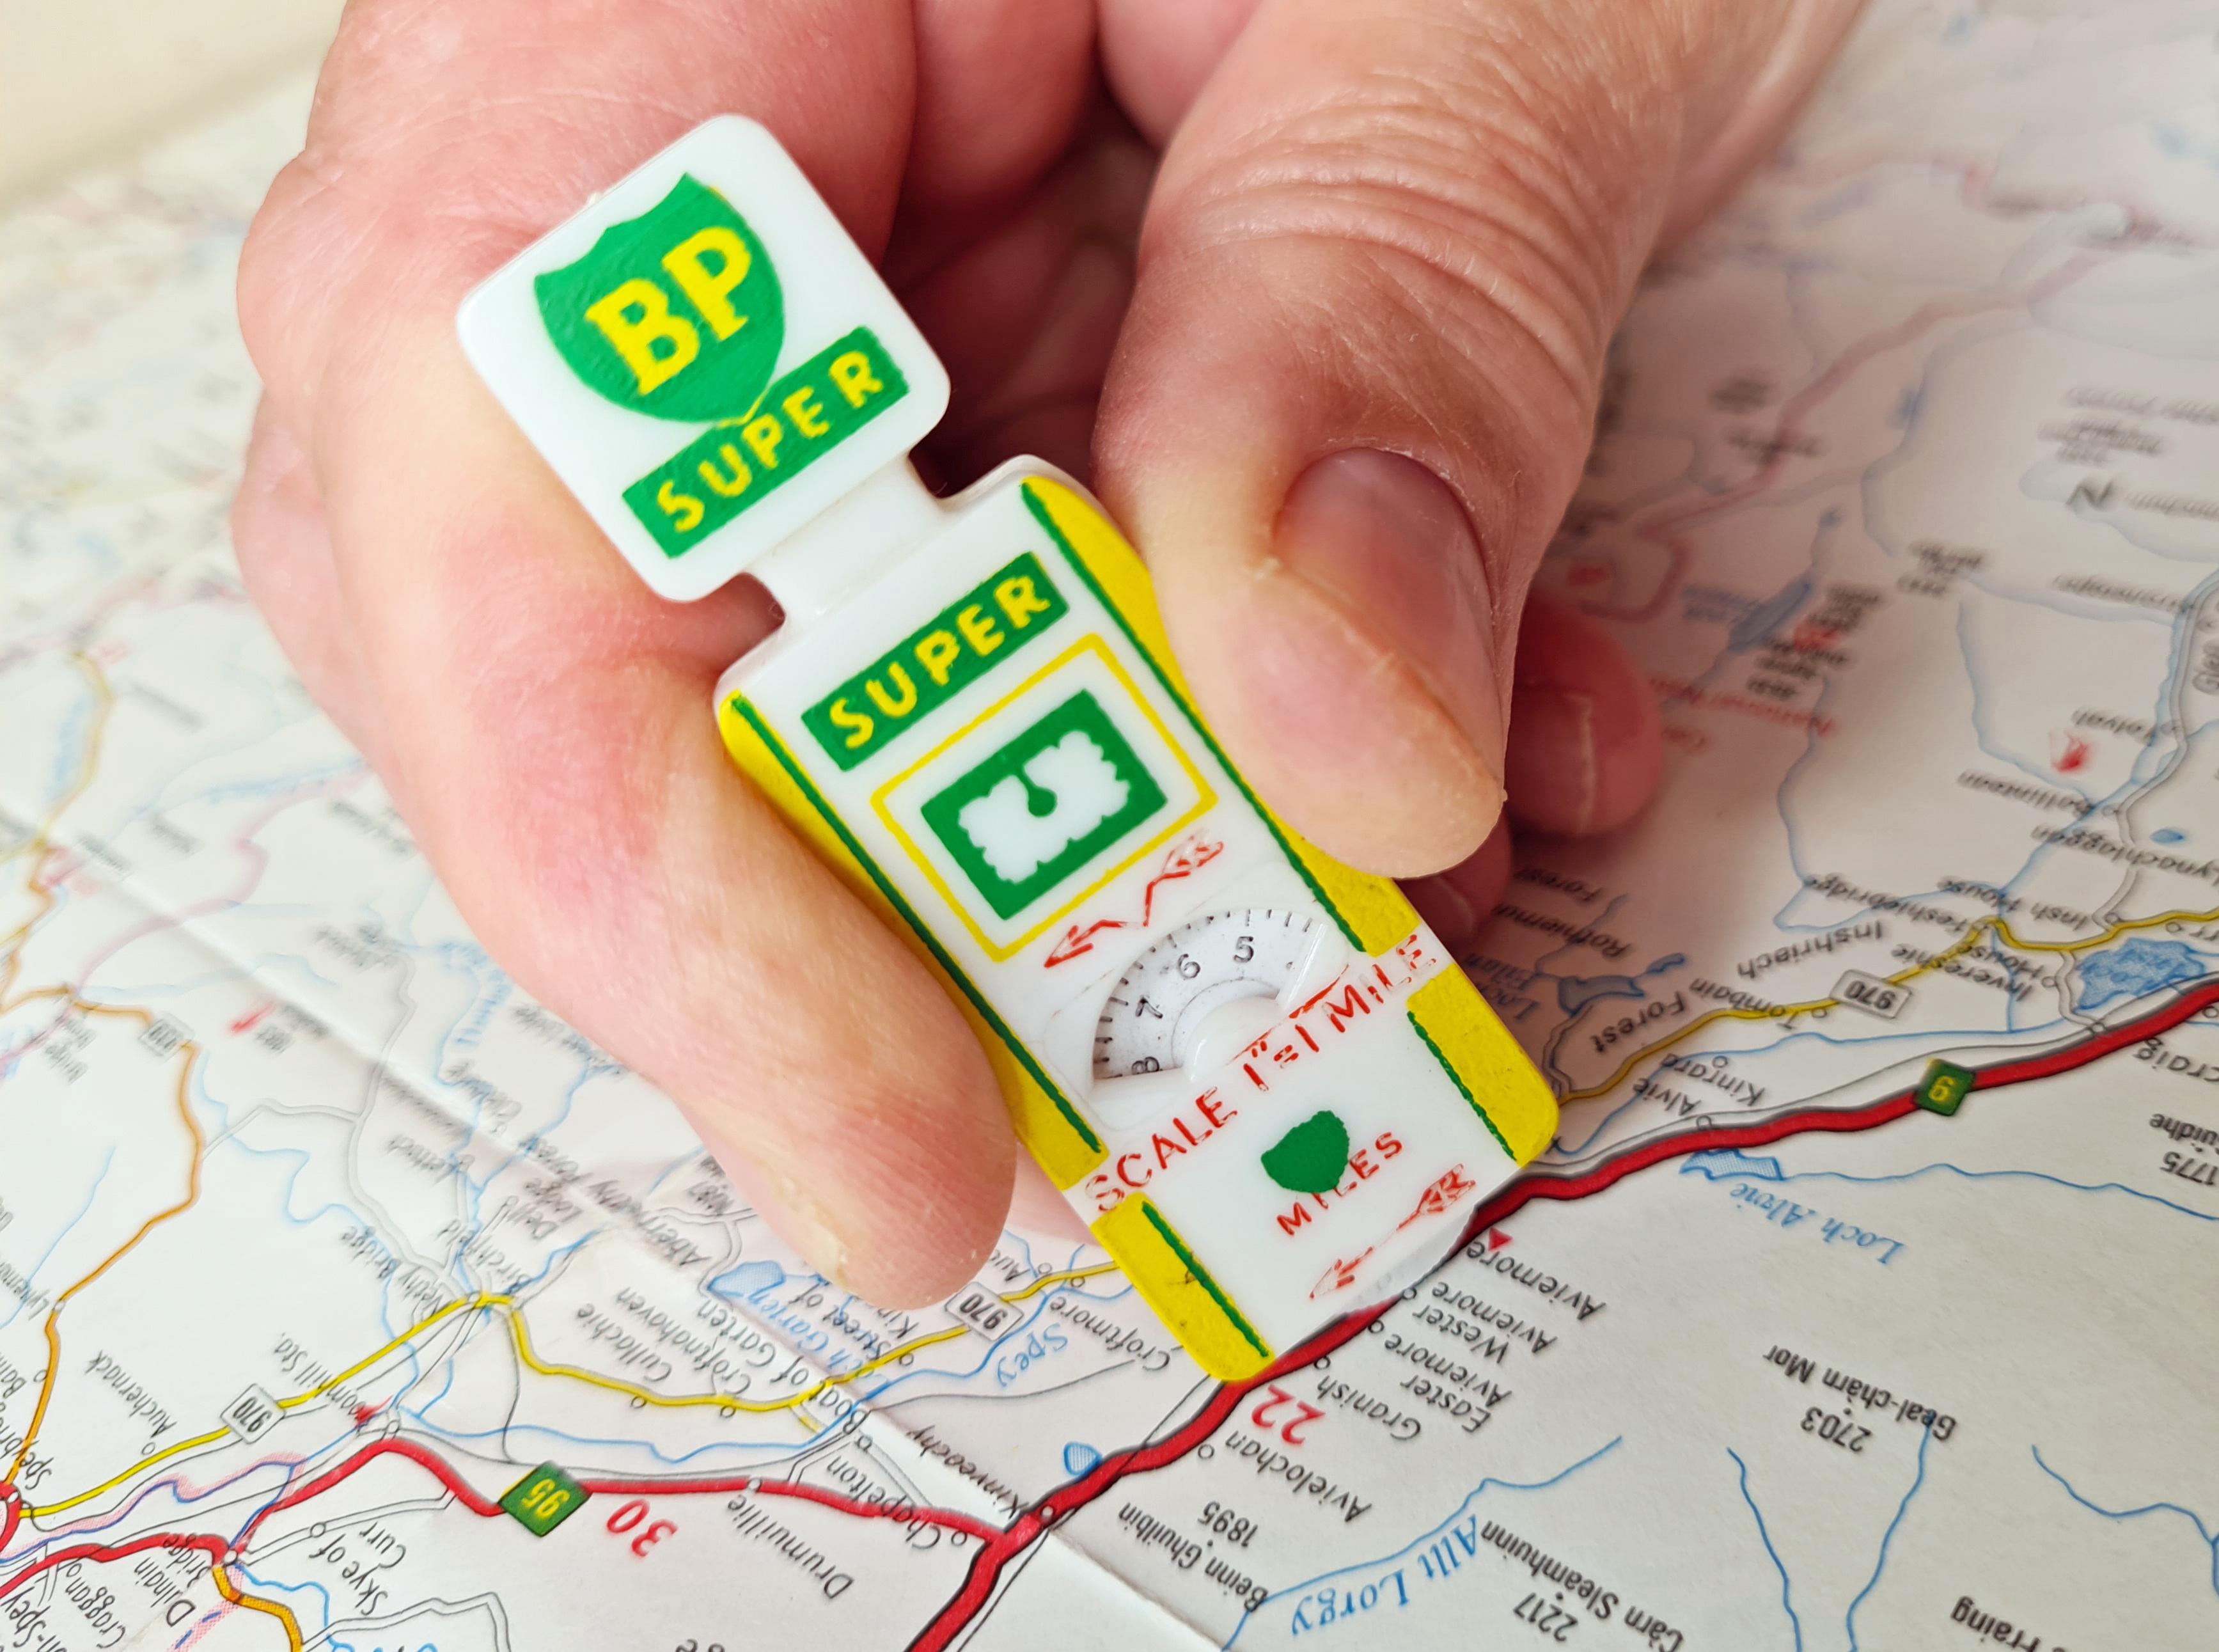 BP Super measure